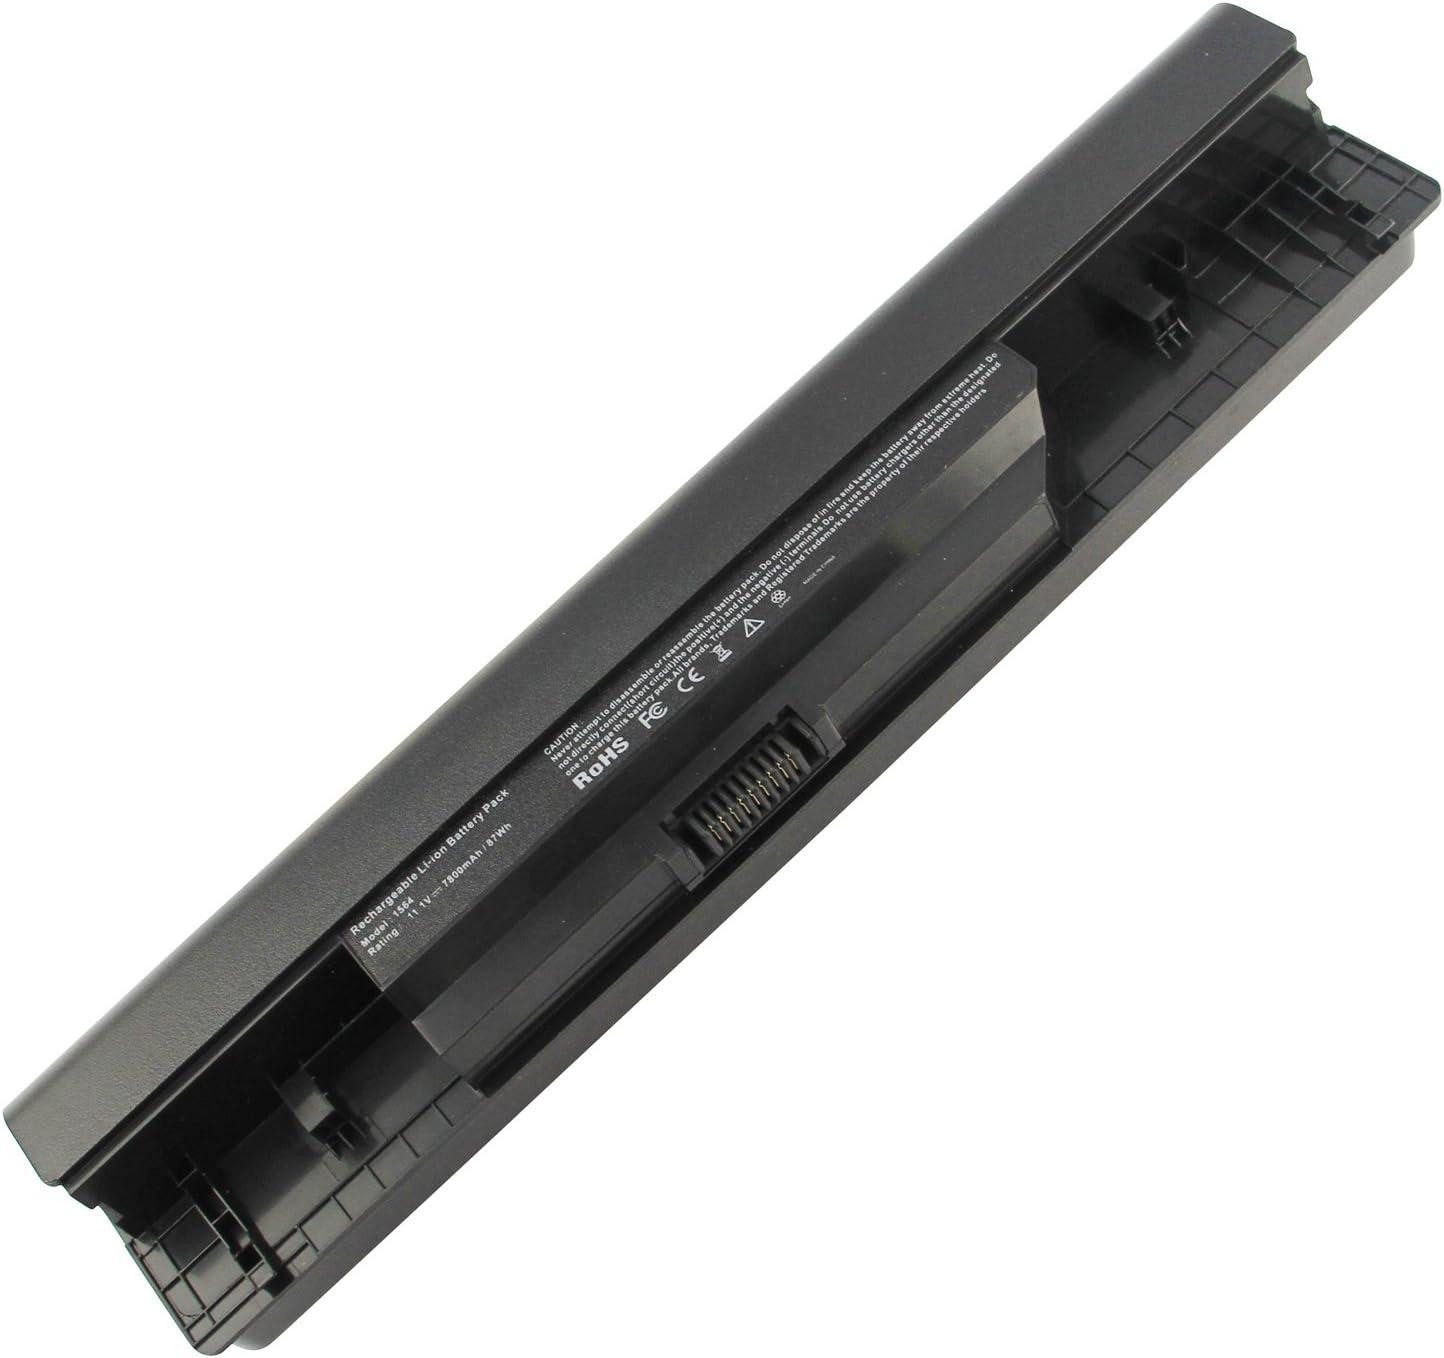 AC Doctor INC JKVC5 NKDWV TRJDK 9JJGJ K456N 312-1021 Battery for Dell Inspiron 1464 1564 1764